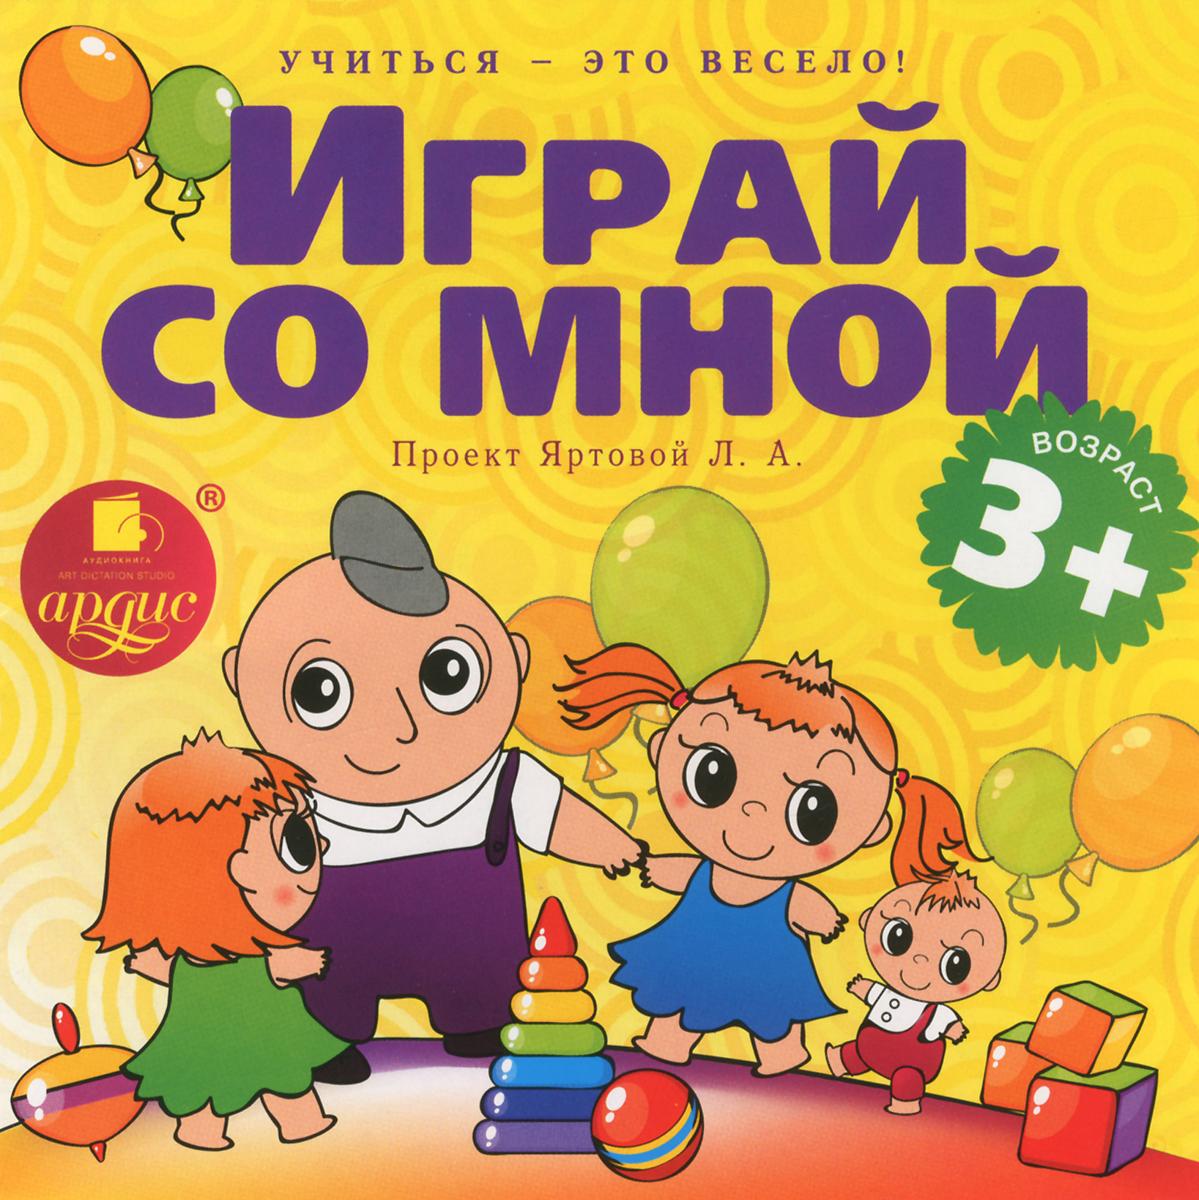 Играй со мной. Подвижные музыкально-поэтические игры для детей (аудиокнига MP3)